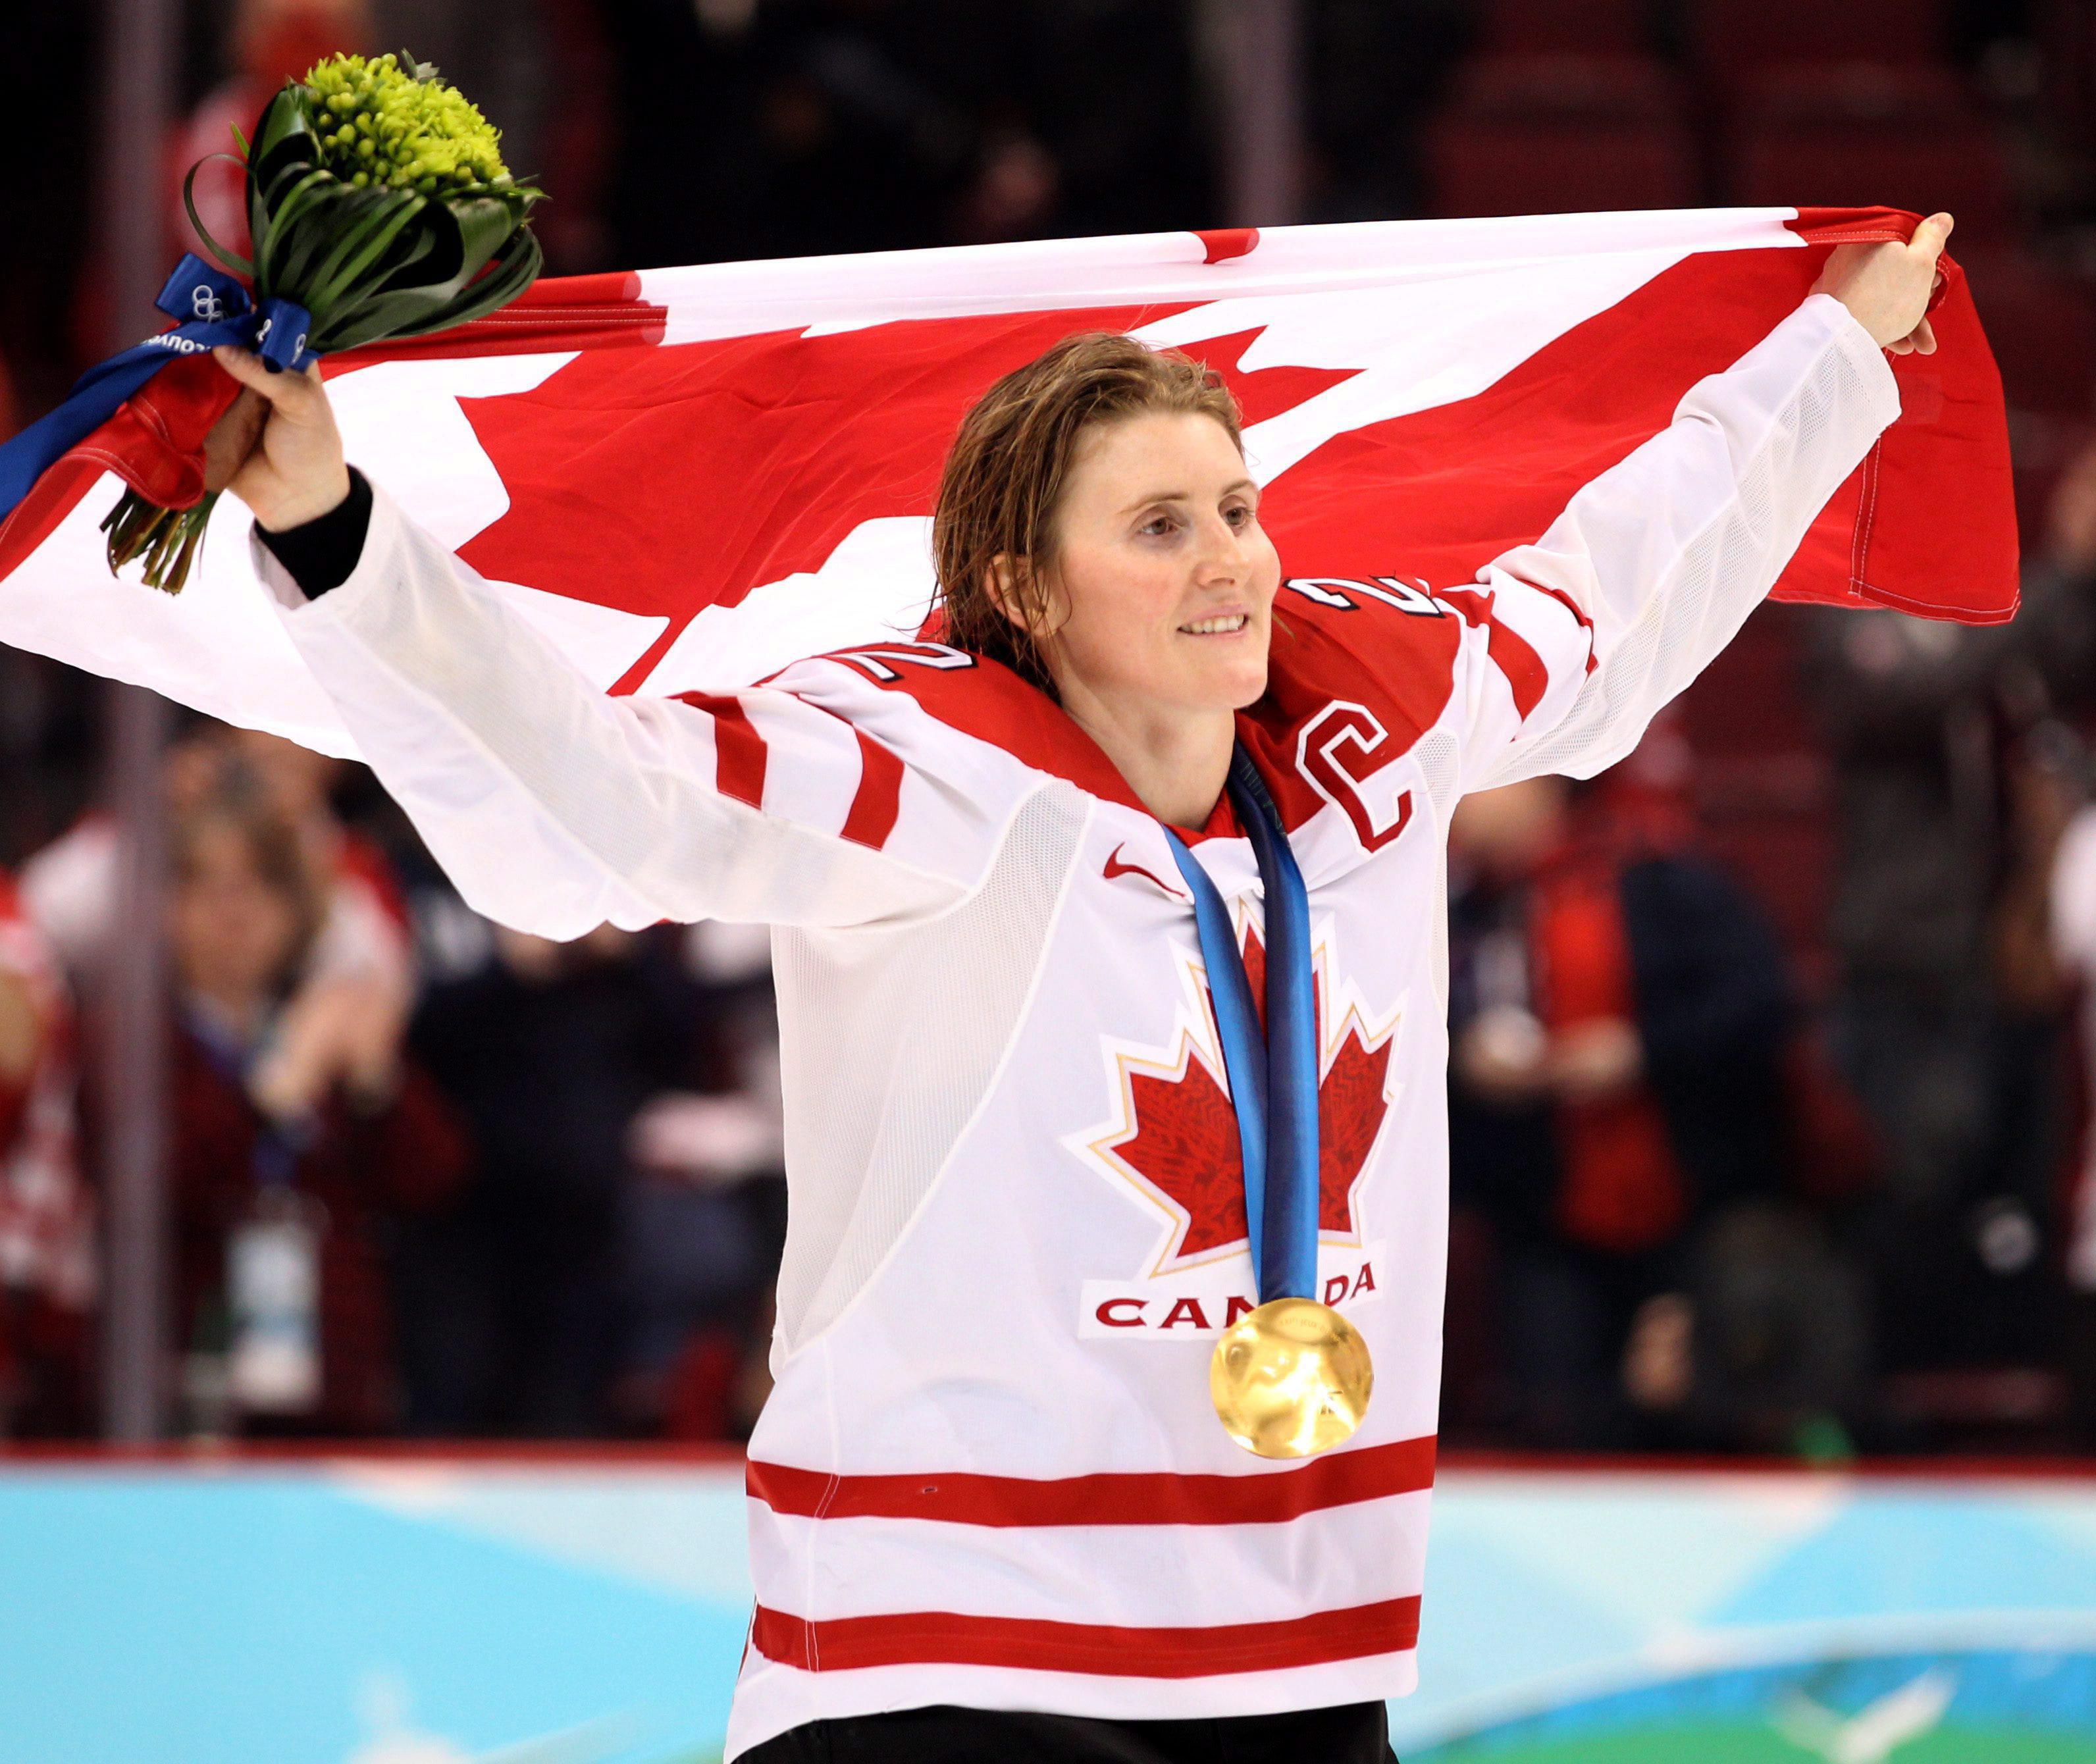 Wickenheiser on skates holding Canadian flag